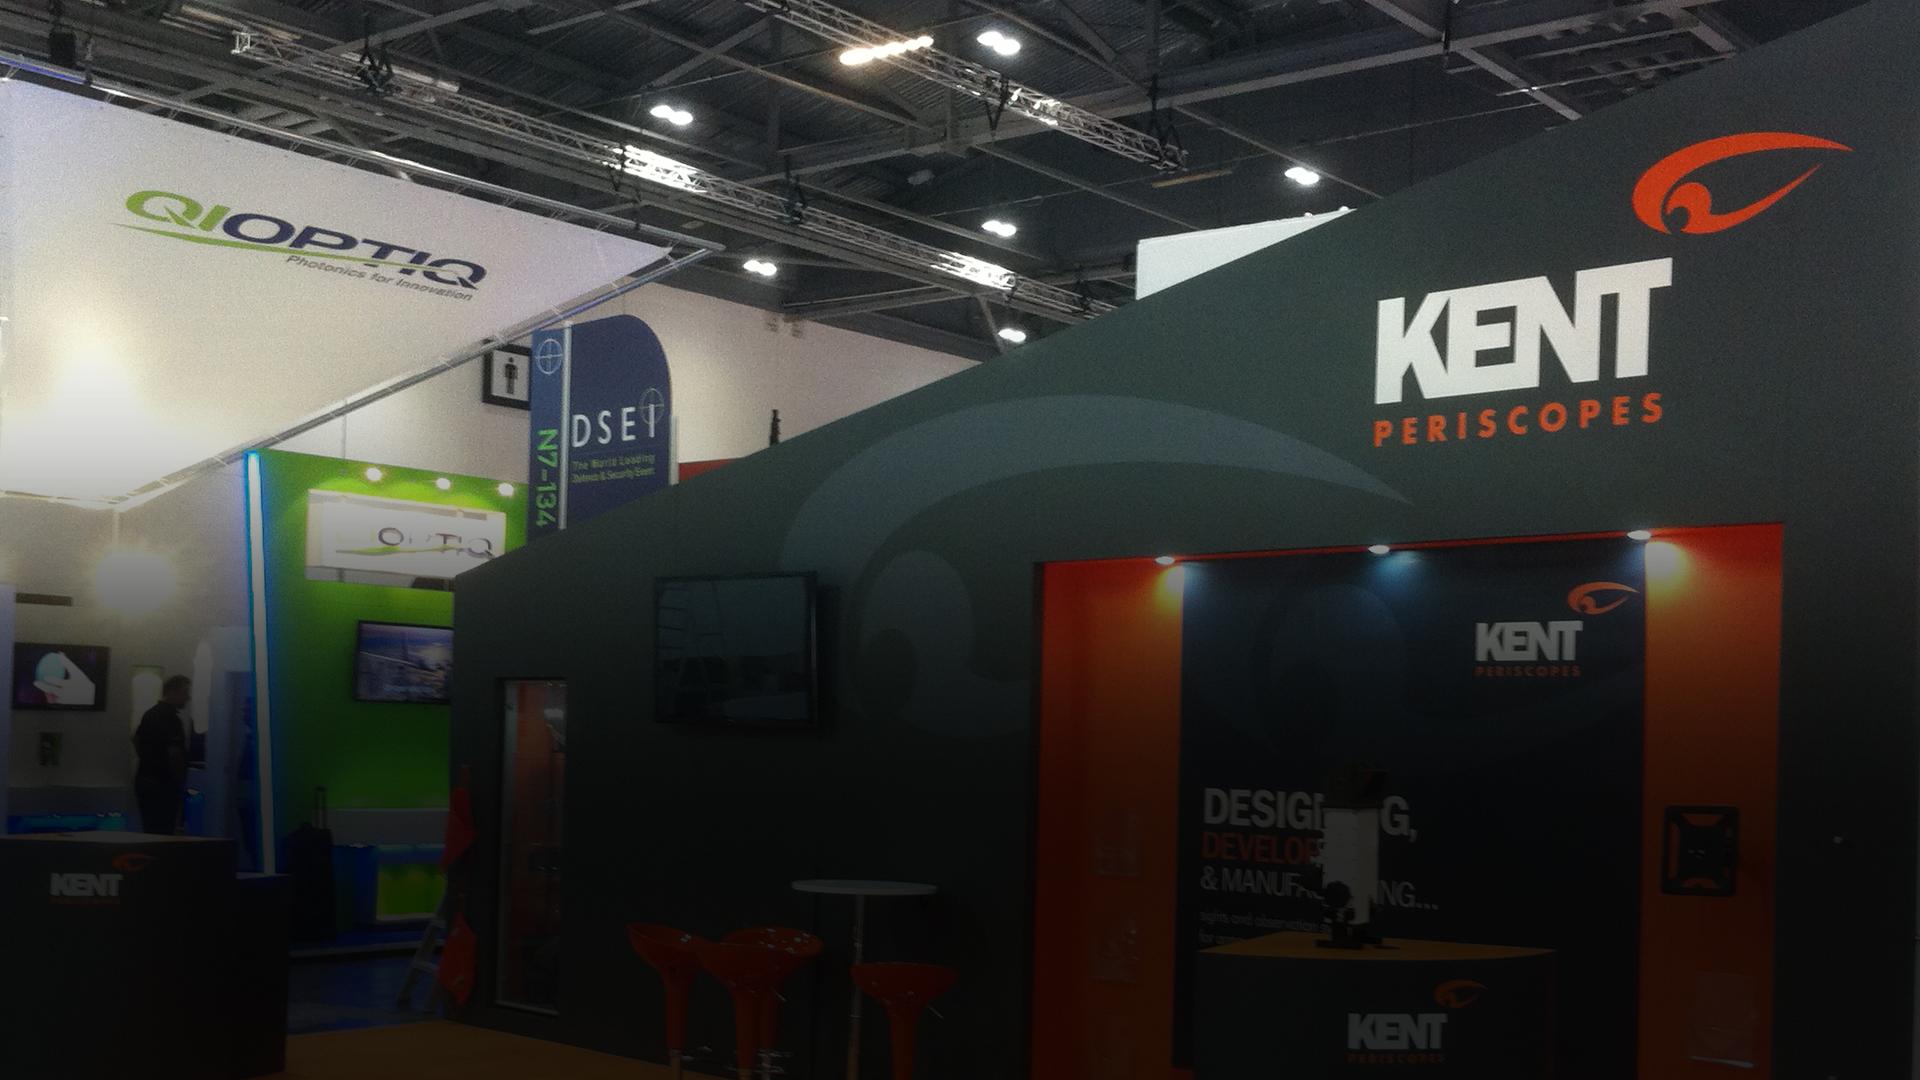 Exhibition Stand Design Kent : Samsung exhibition stand gitex tech on behance exhibition